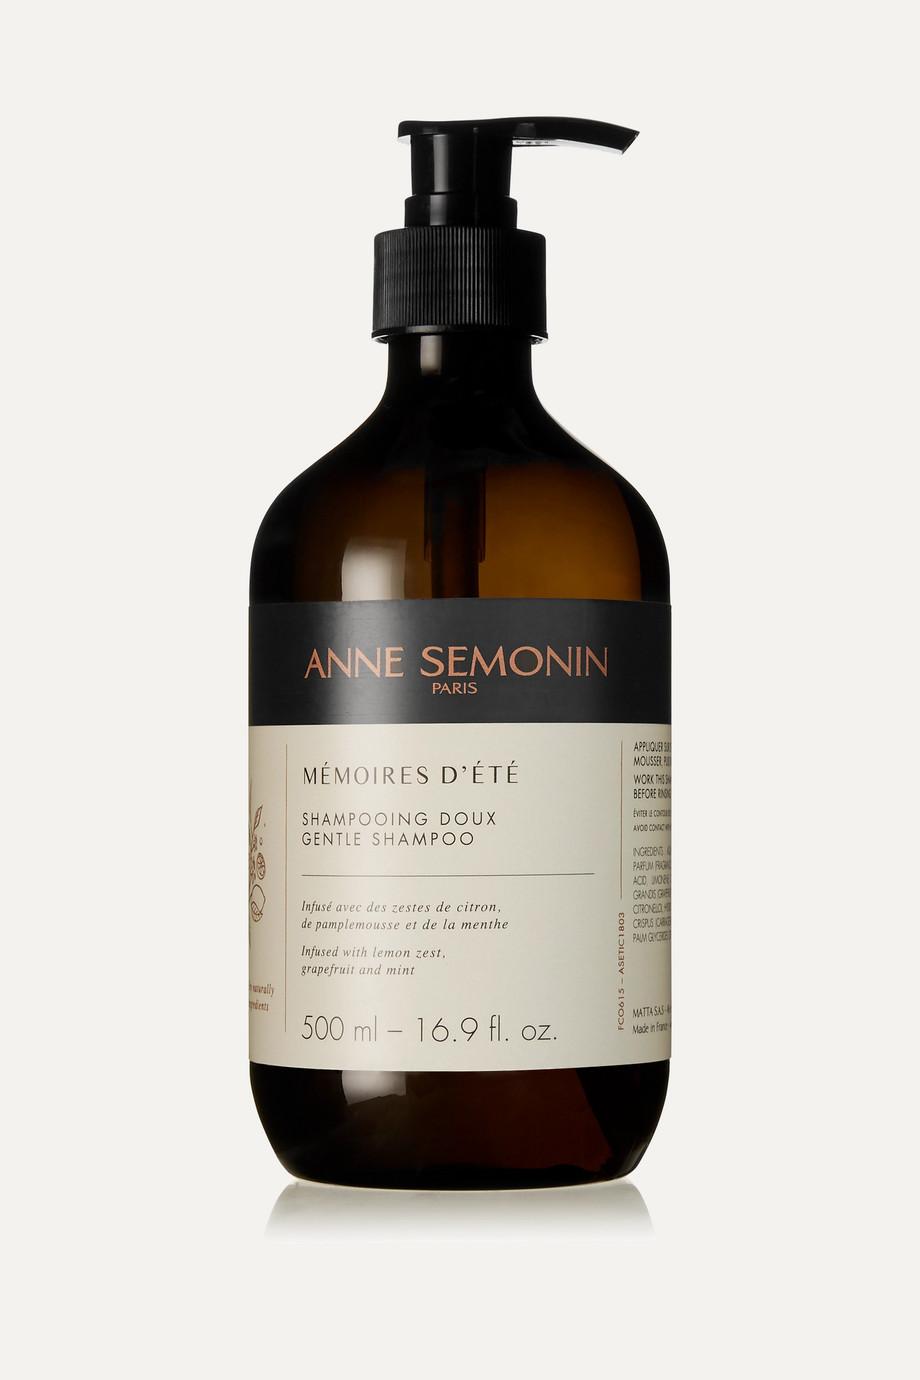 Anne Semonin Mémoires d'Été Gentle Shampoo, 500 ml – Shampoo